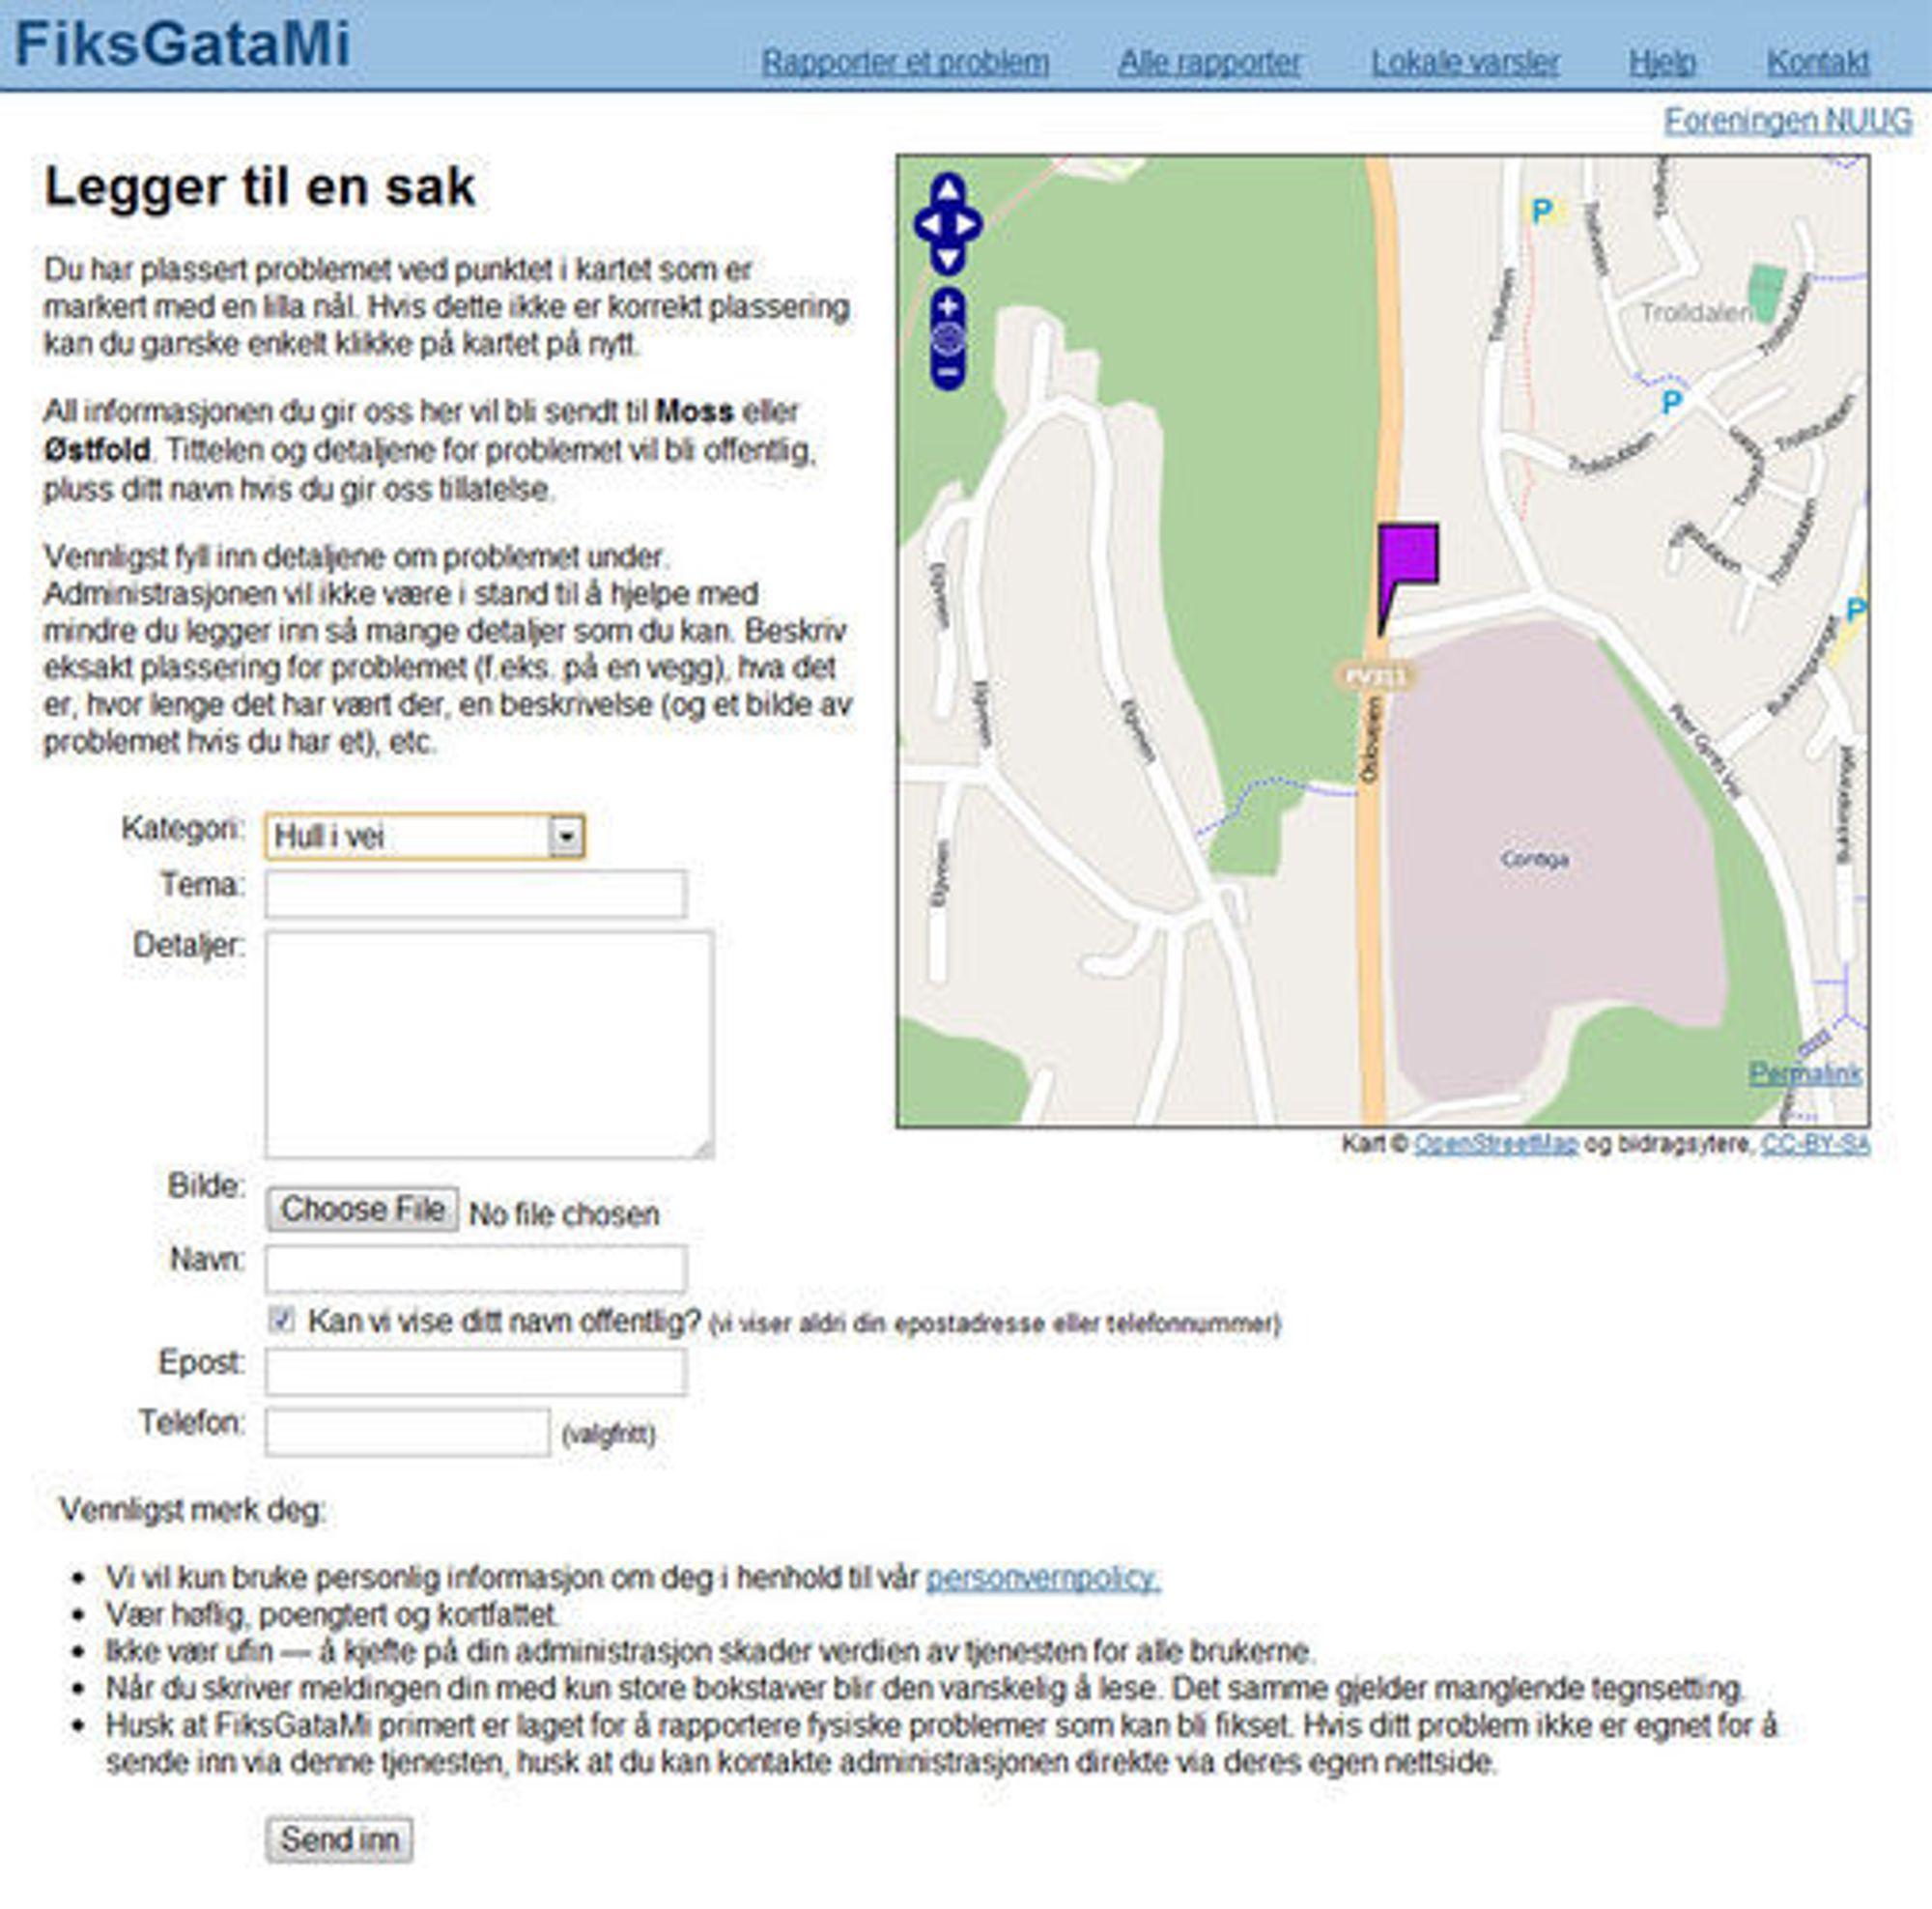 FiksGataMi-skjema for å sende inn melding om feil og problemer med veinettet.